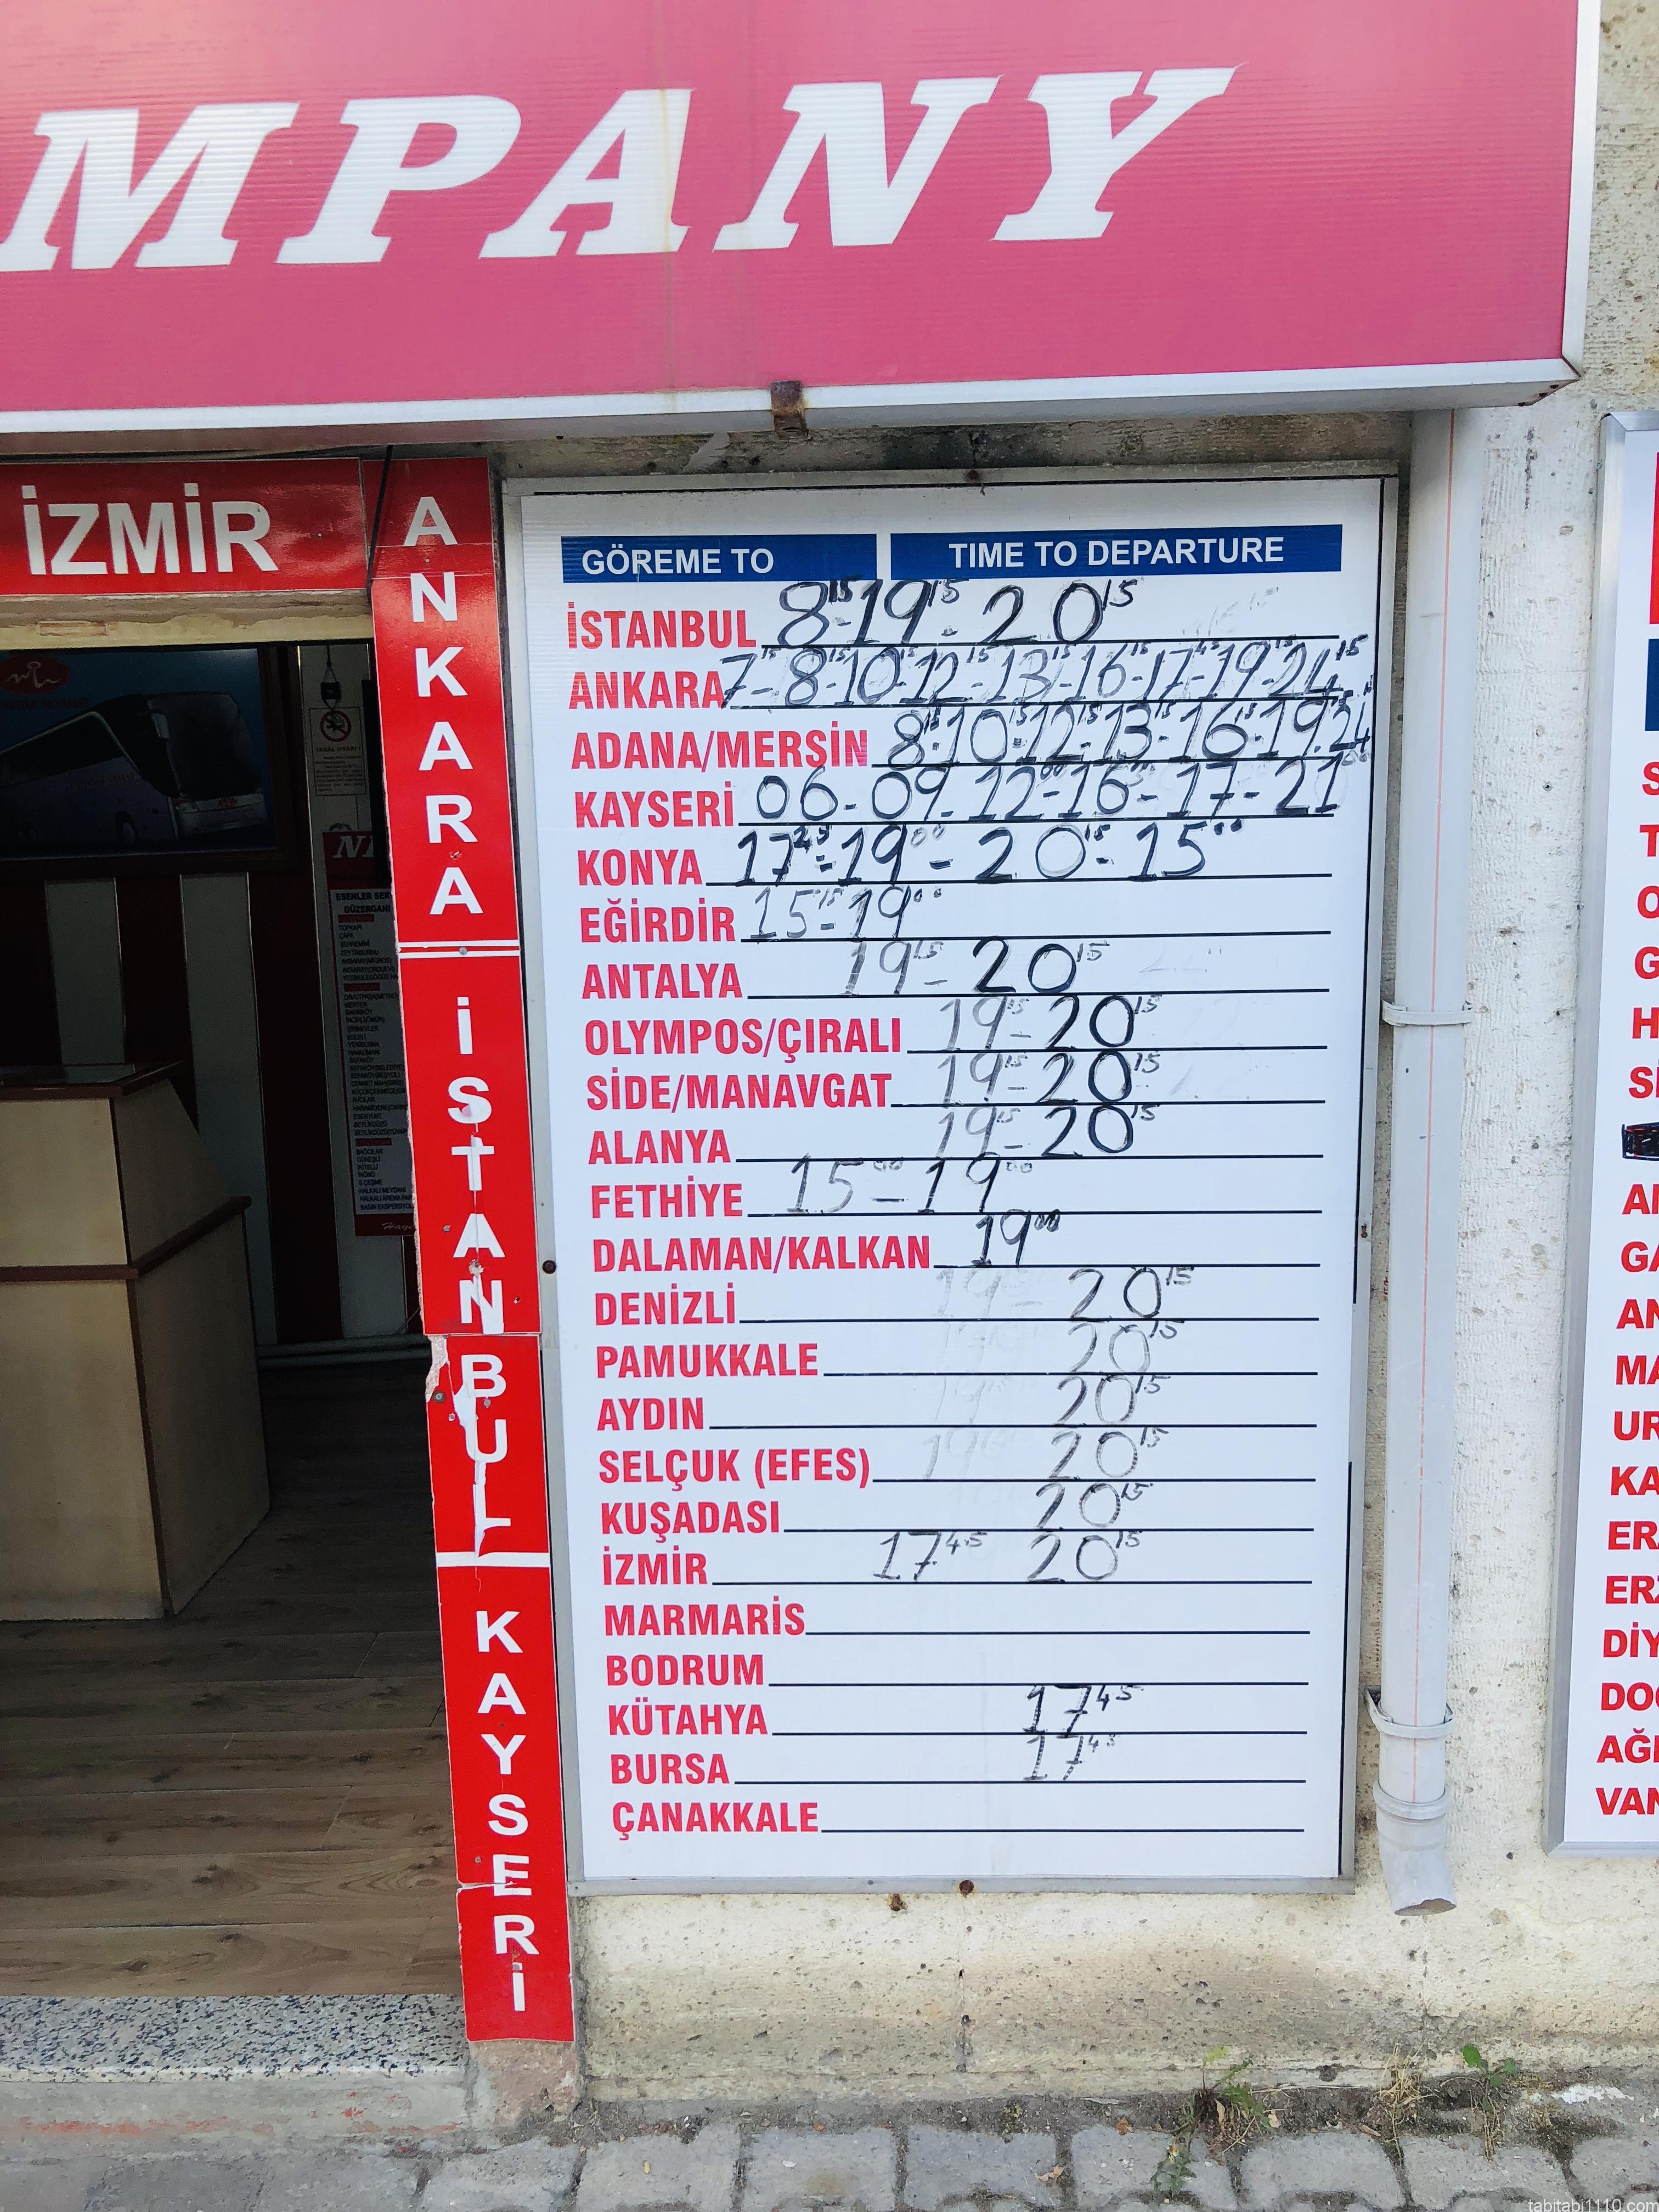 ギョレメからアンカラの移動|バスの時刻表